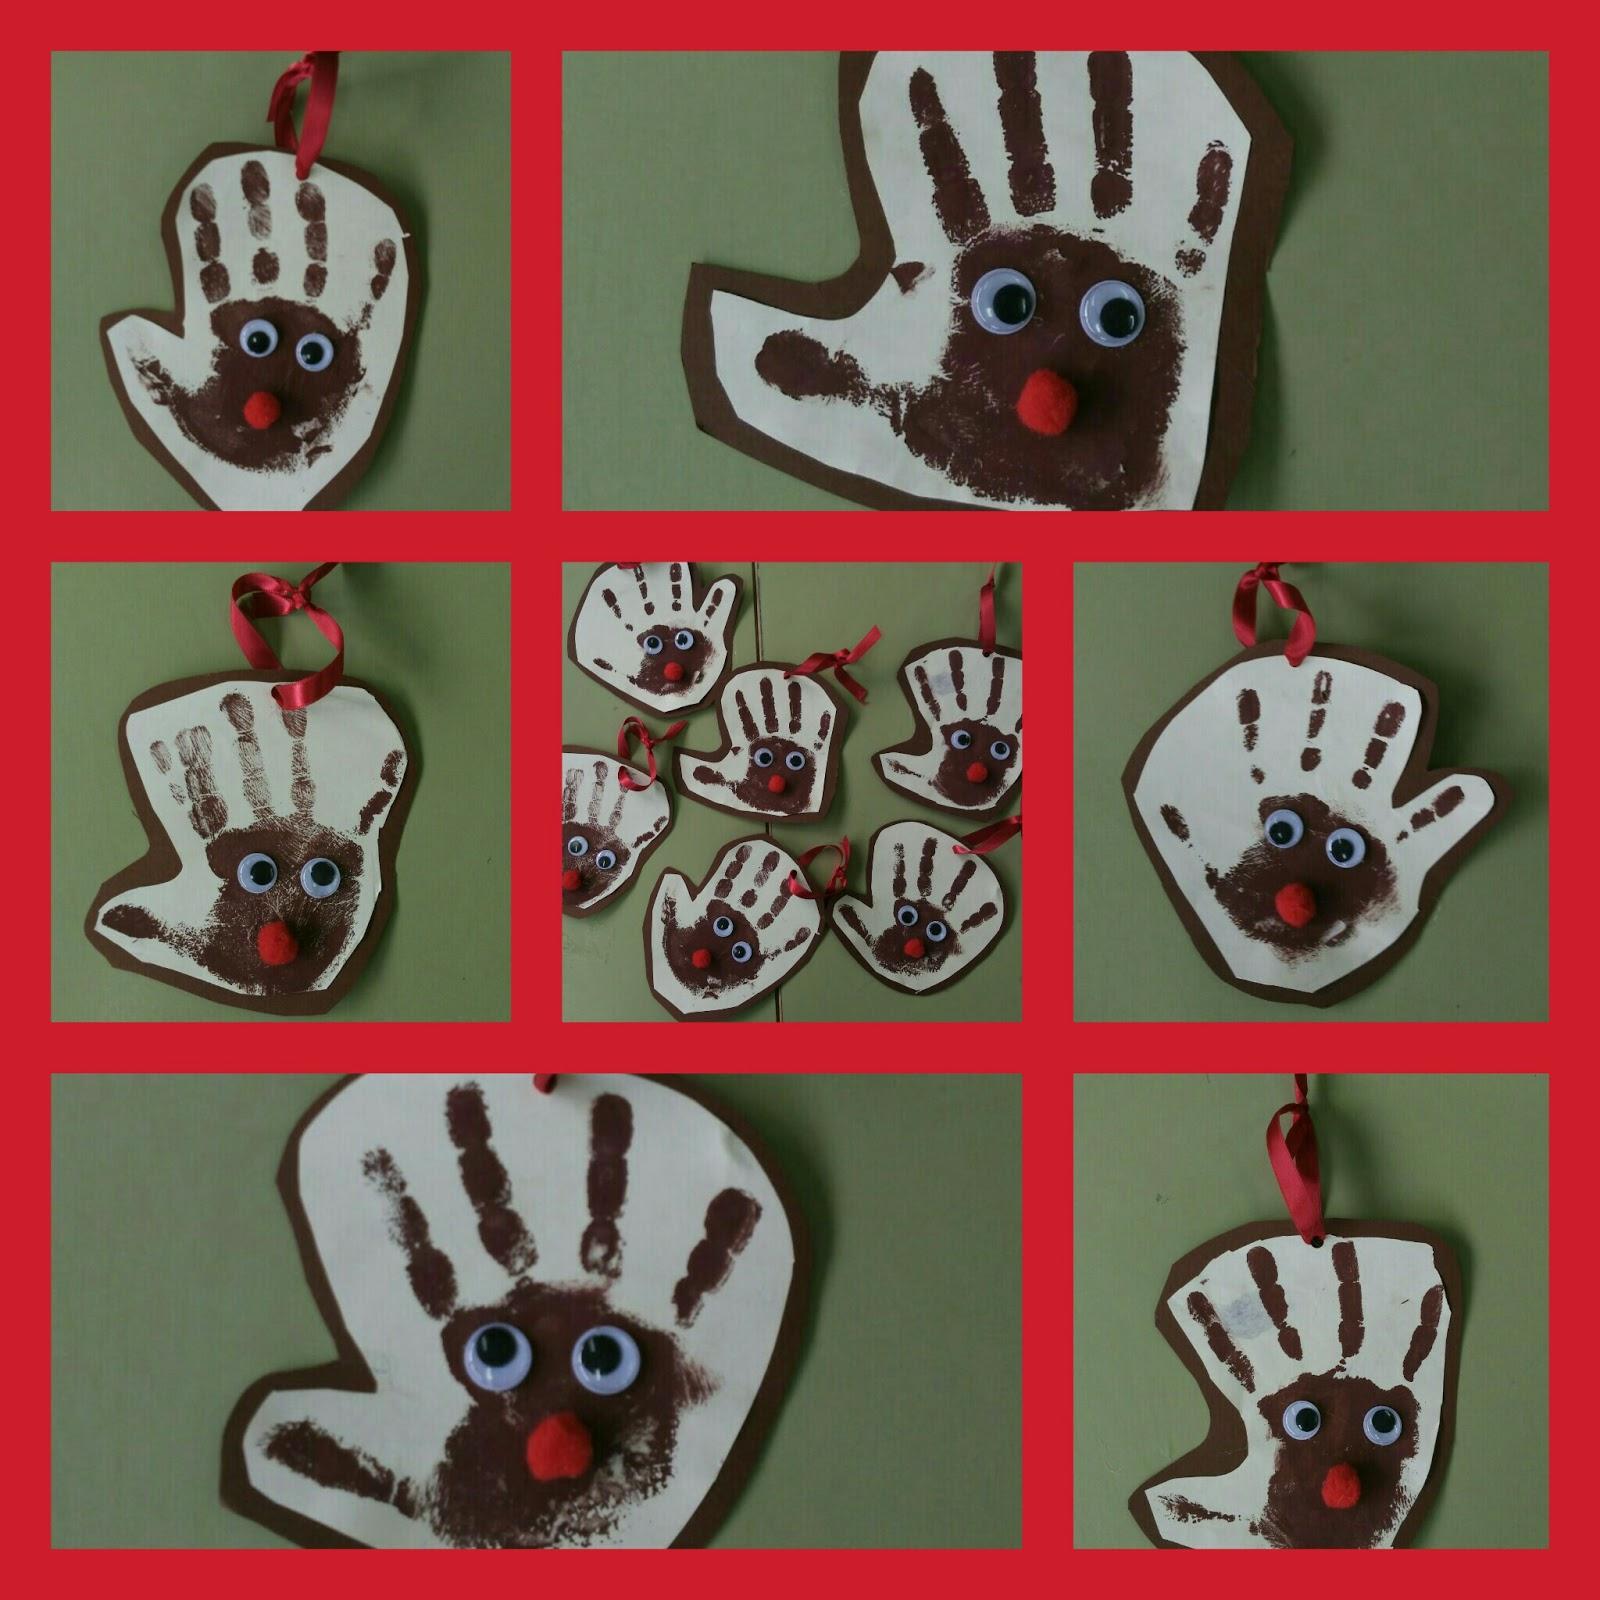 Os peques de valeixe adornos de nadal - Adornos de nadal ...